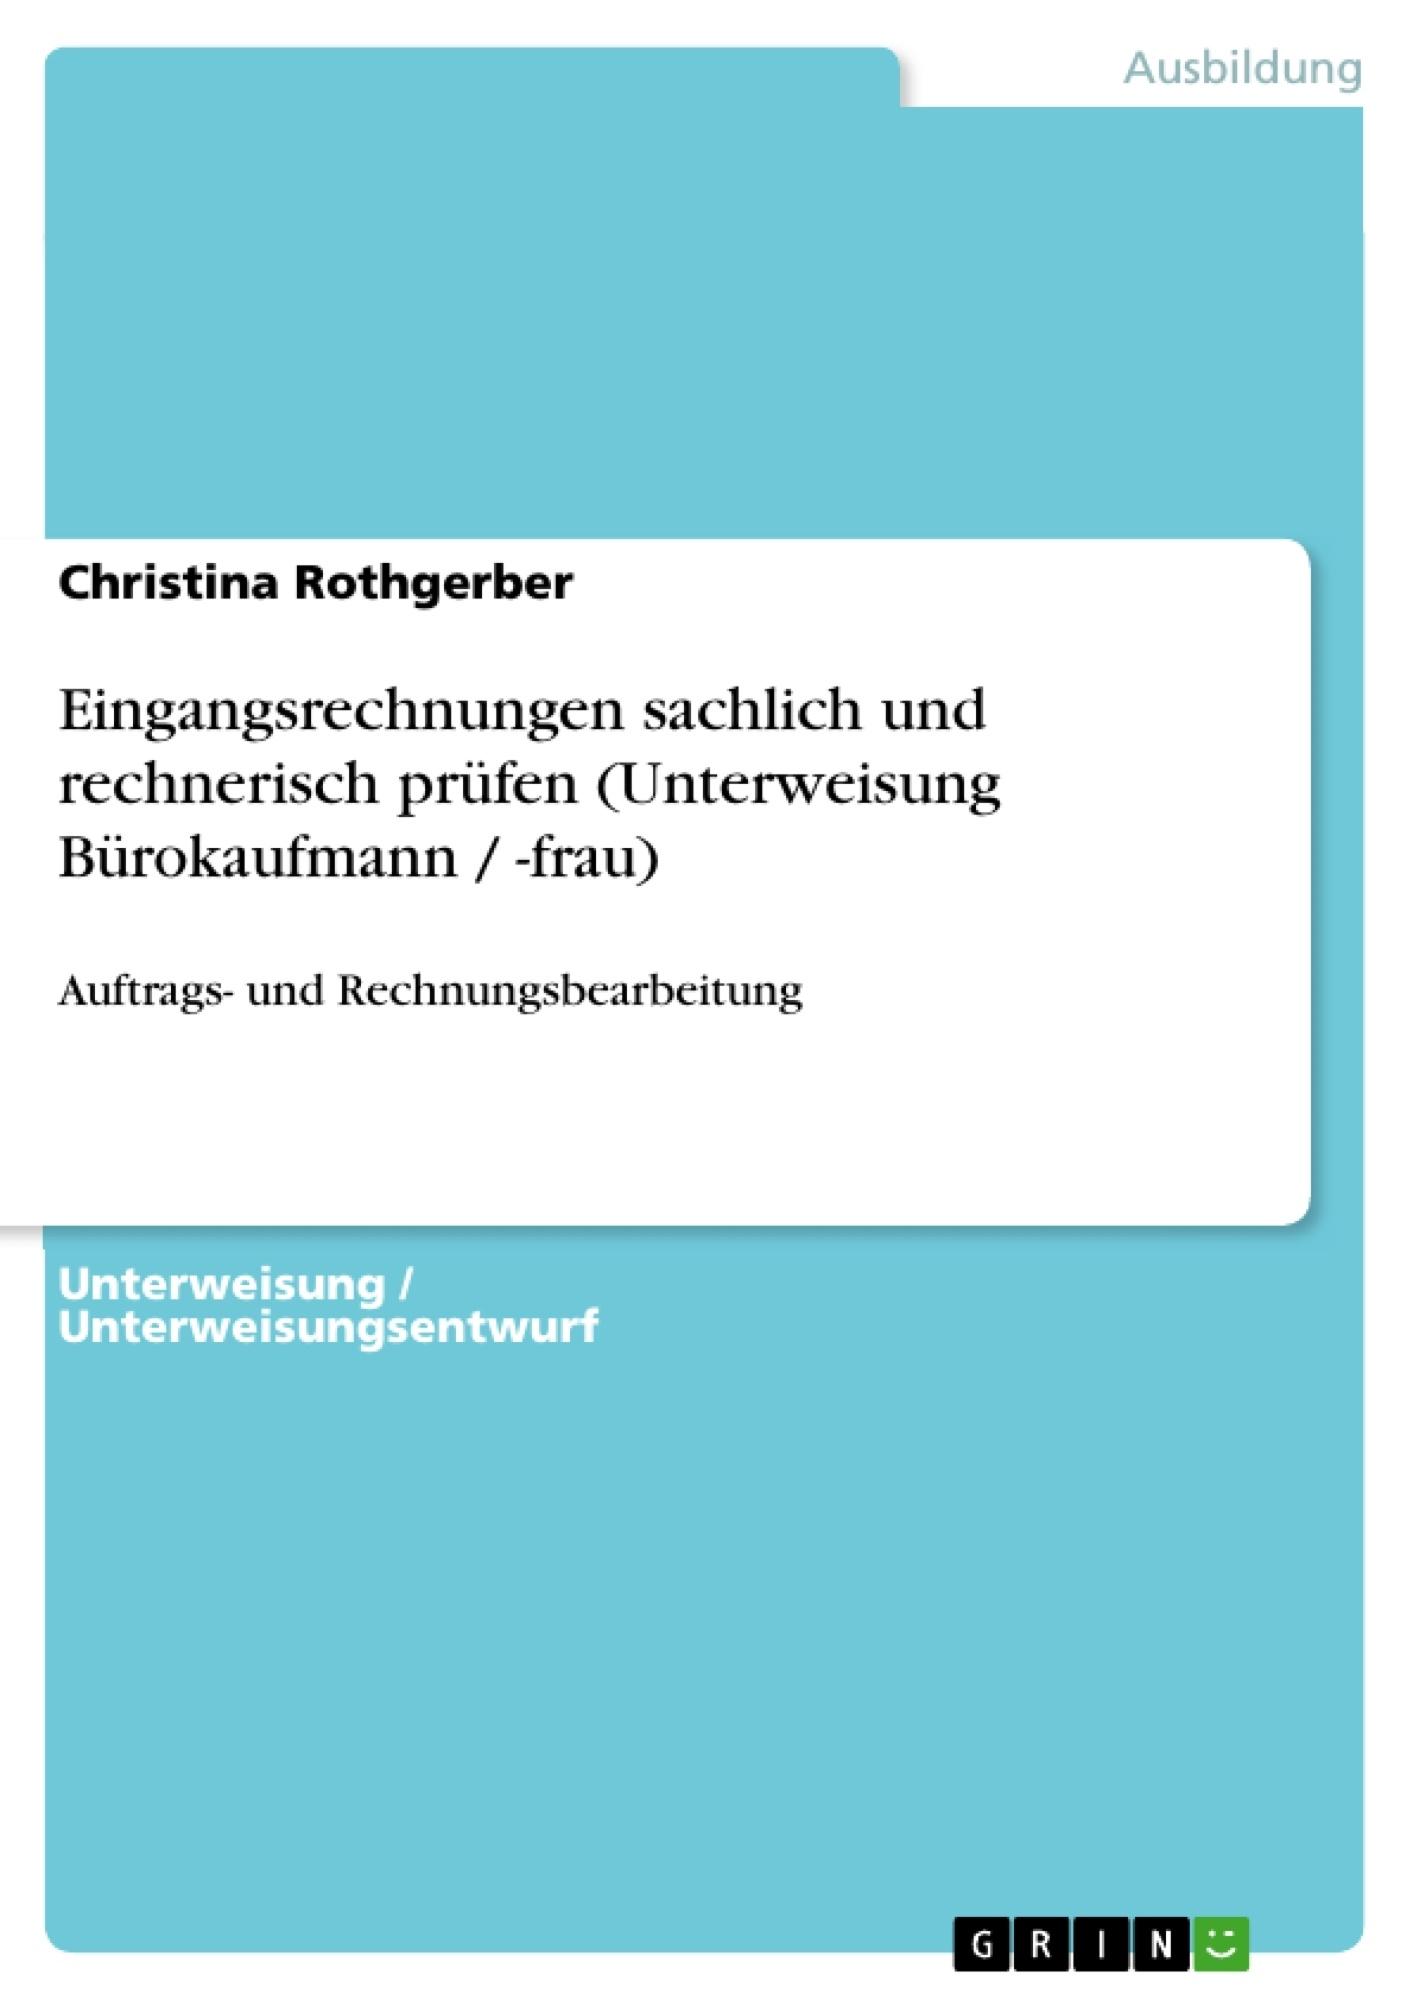 Titel: Eingangsrechnungen sachlich und rechnerisch prüfen (Unterweisung Bürokaufmann / -frau)